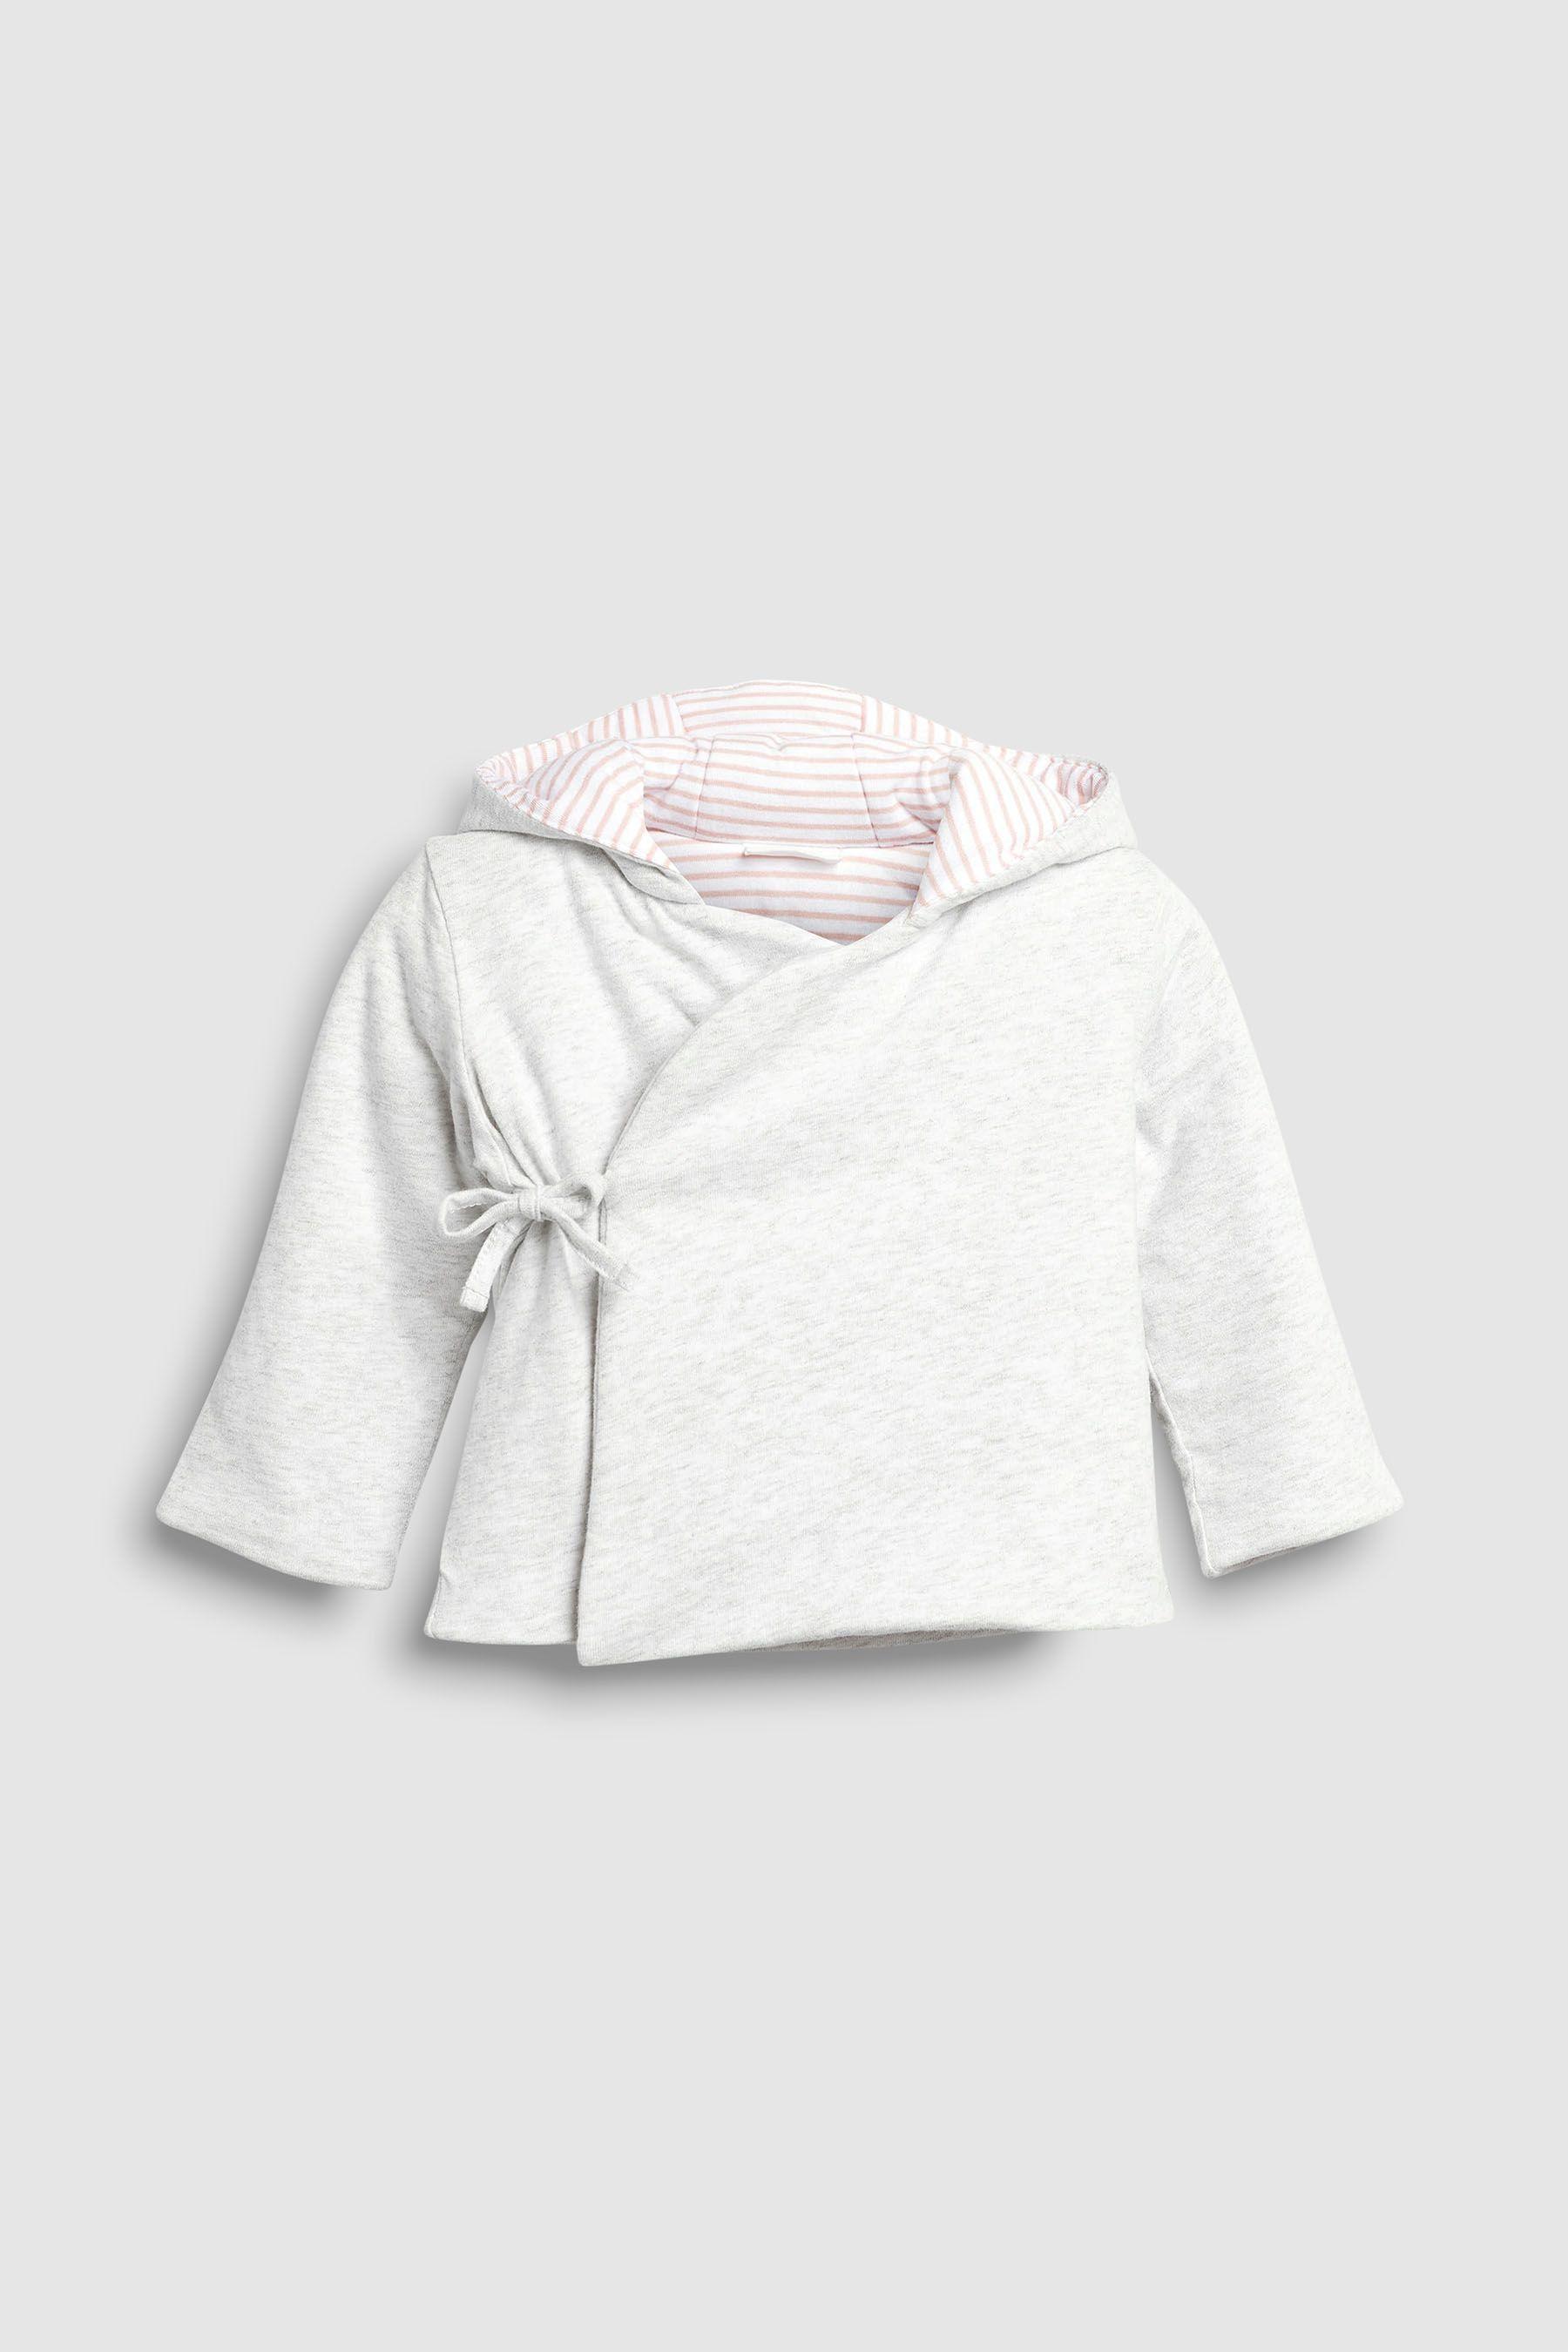 Épinglé par polina names sur Детская одежда Poupée